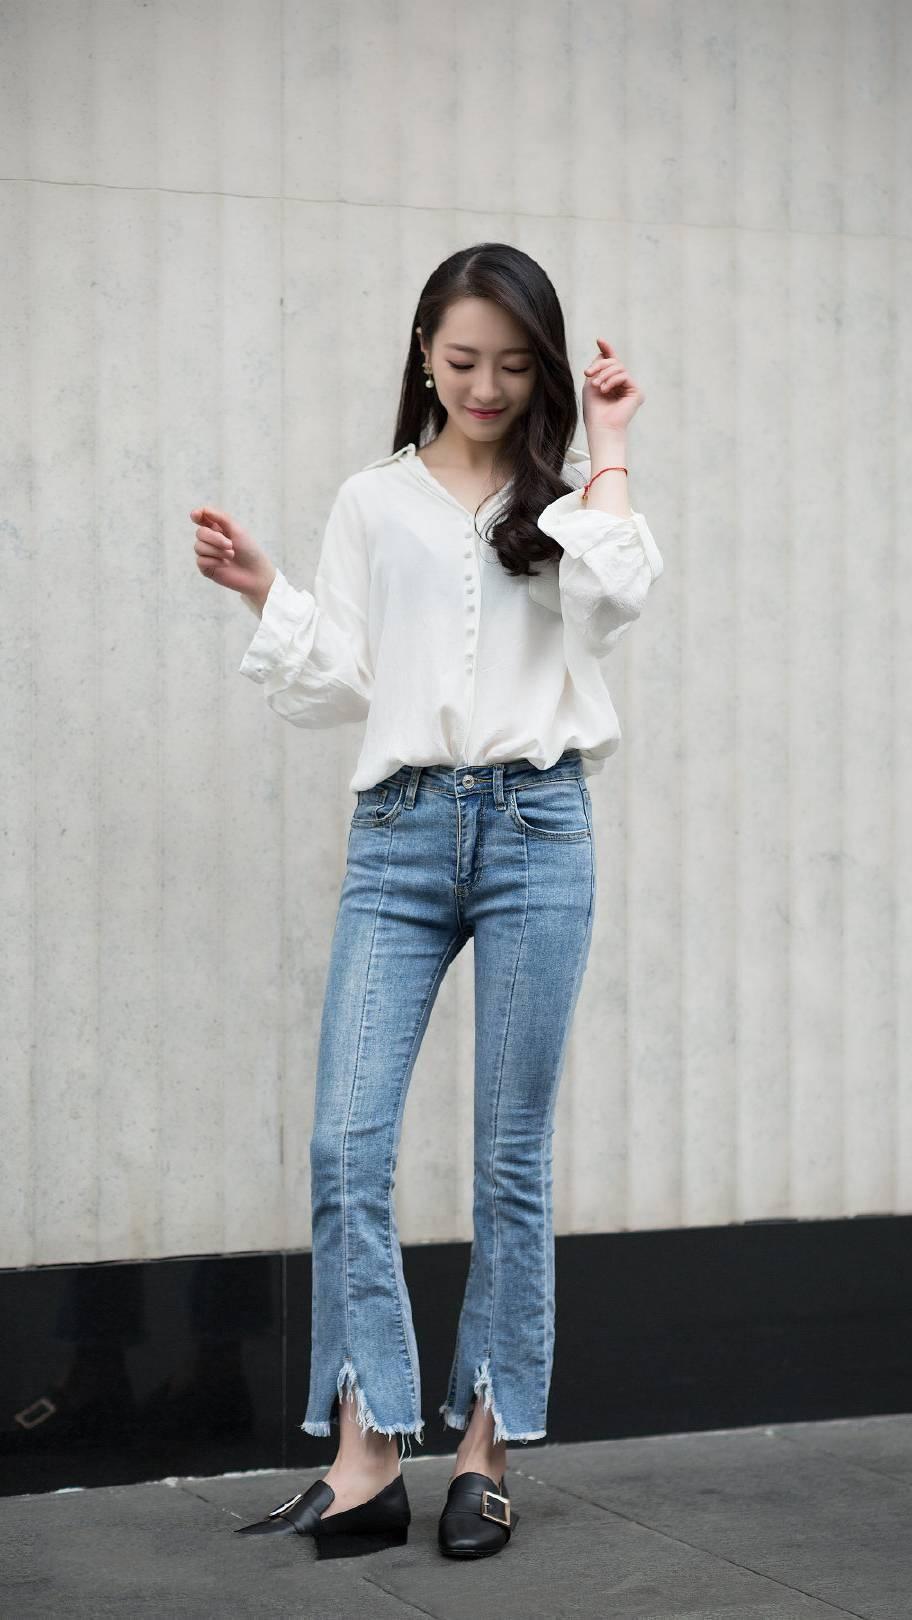 街拍:小姐姐牛仔面料的连体裤,特别显气质和身材的服装